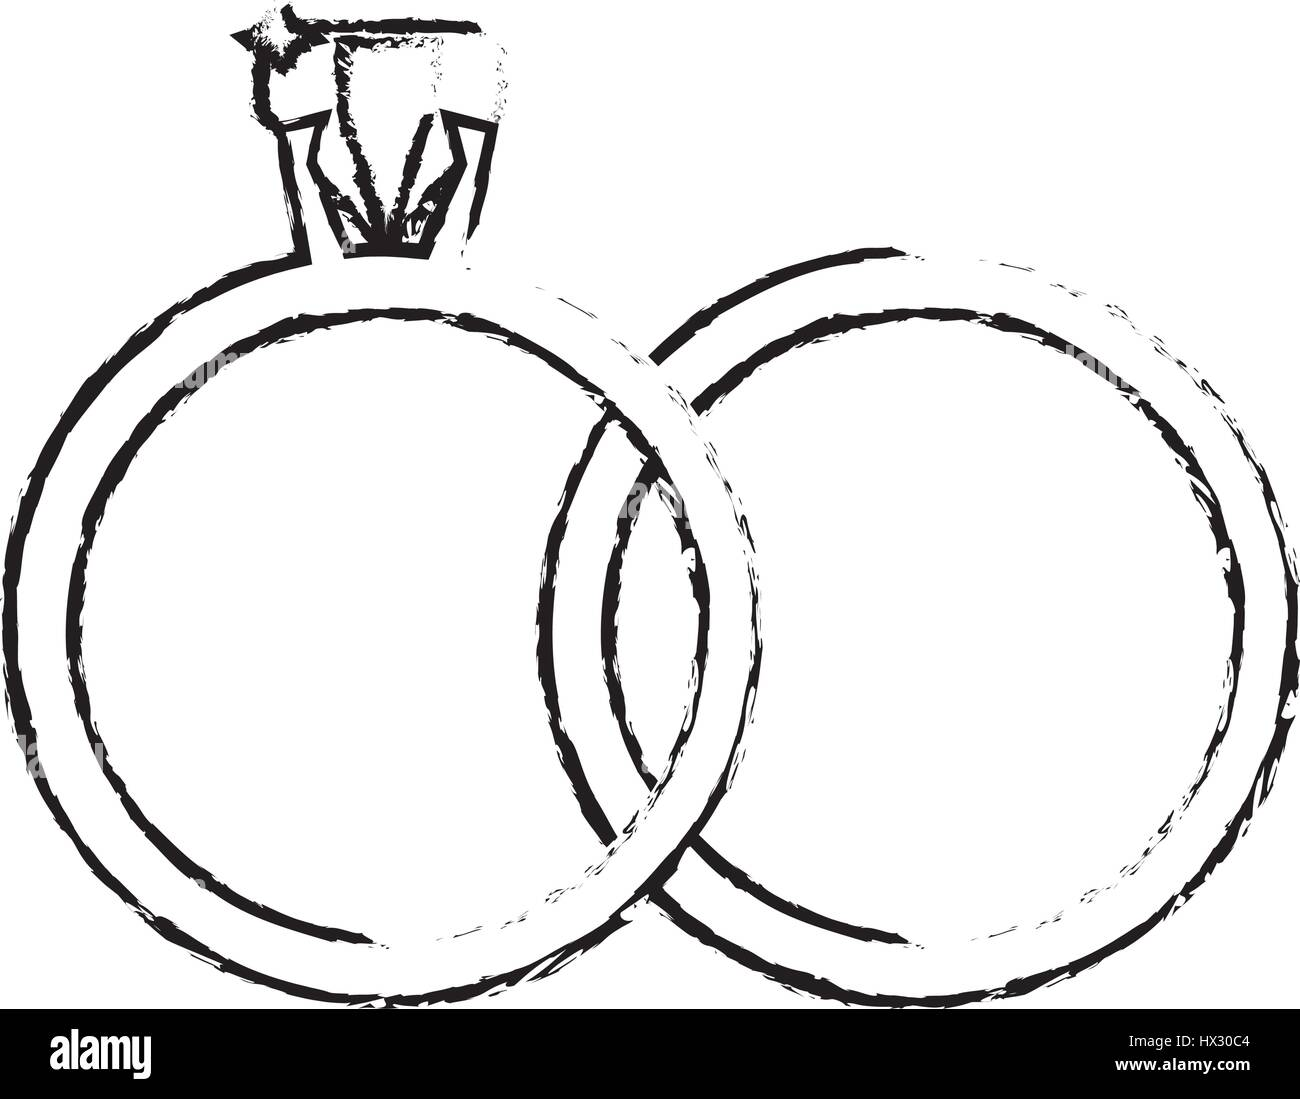 Ringe Schmuck Hochzeit Symbol Skizze Vektor Abbildung Bild